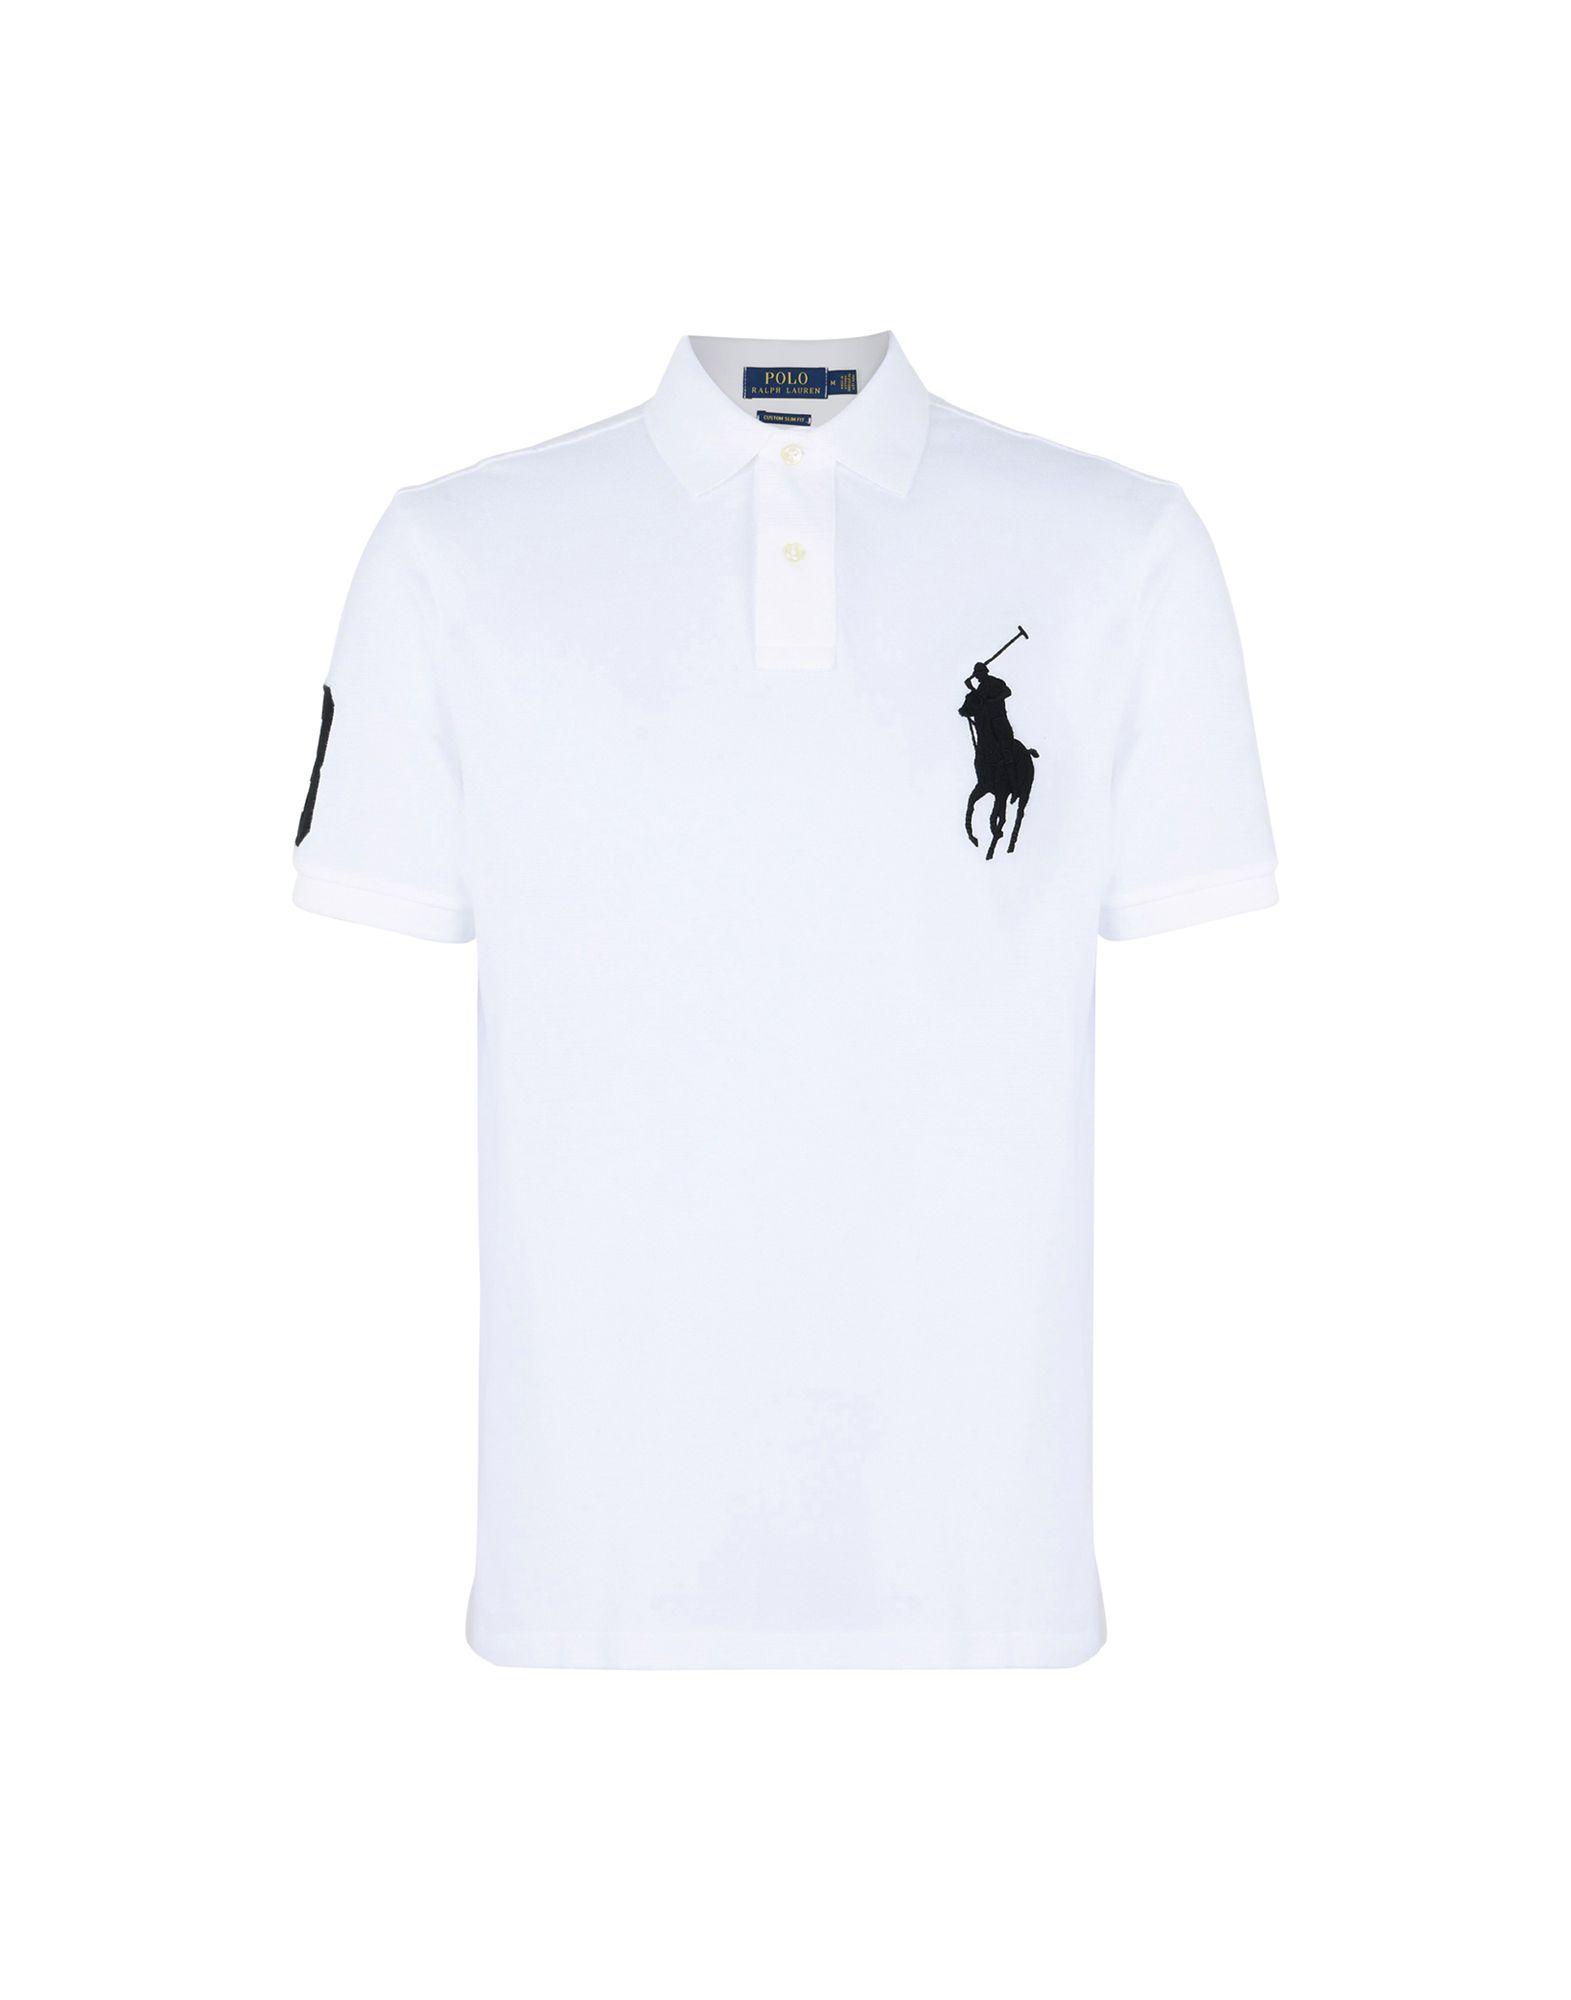 《送料無料》POLO RALPH LAUREN メンズ ポロシャツ ホワイト S コットン 100% Custom Fit Big PP Polo